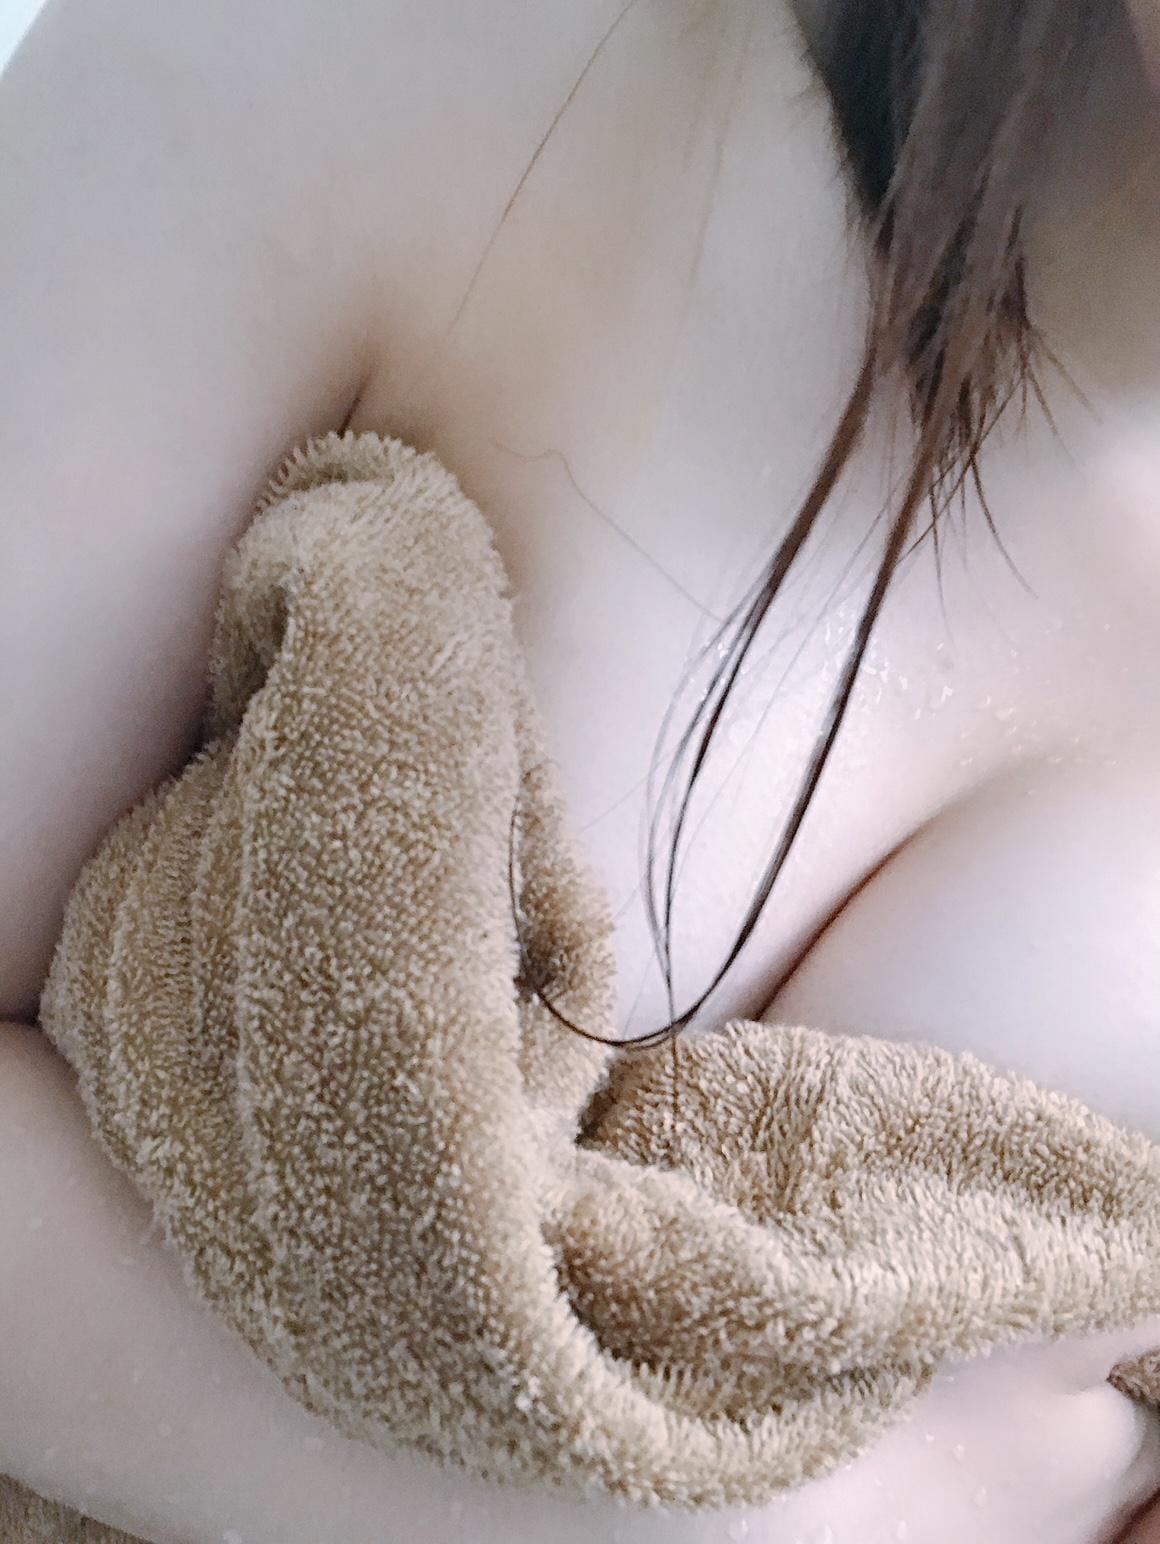 「おれい」11/12(月) 05:08   まほの写メ・風俗動画